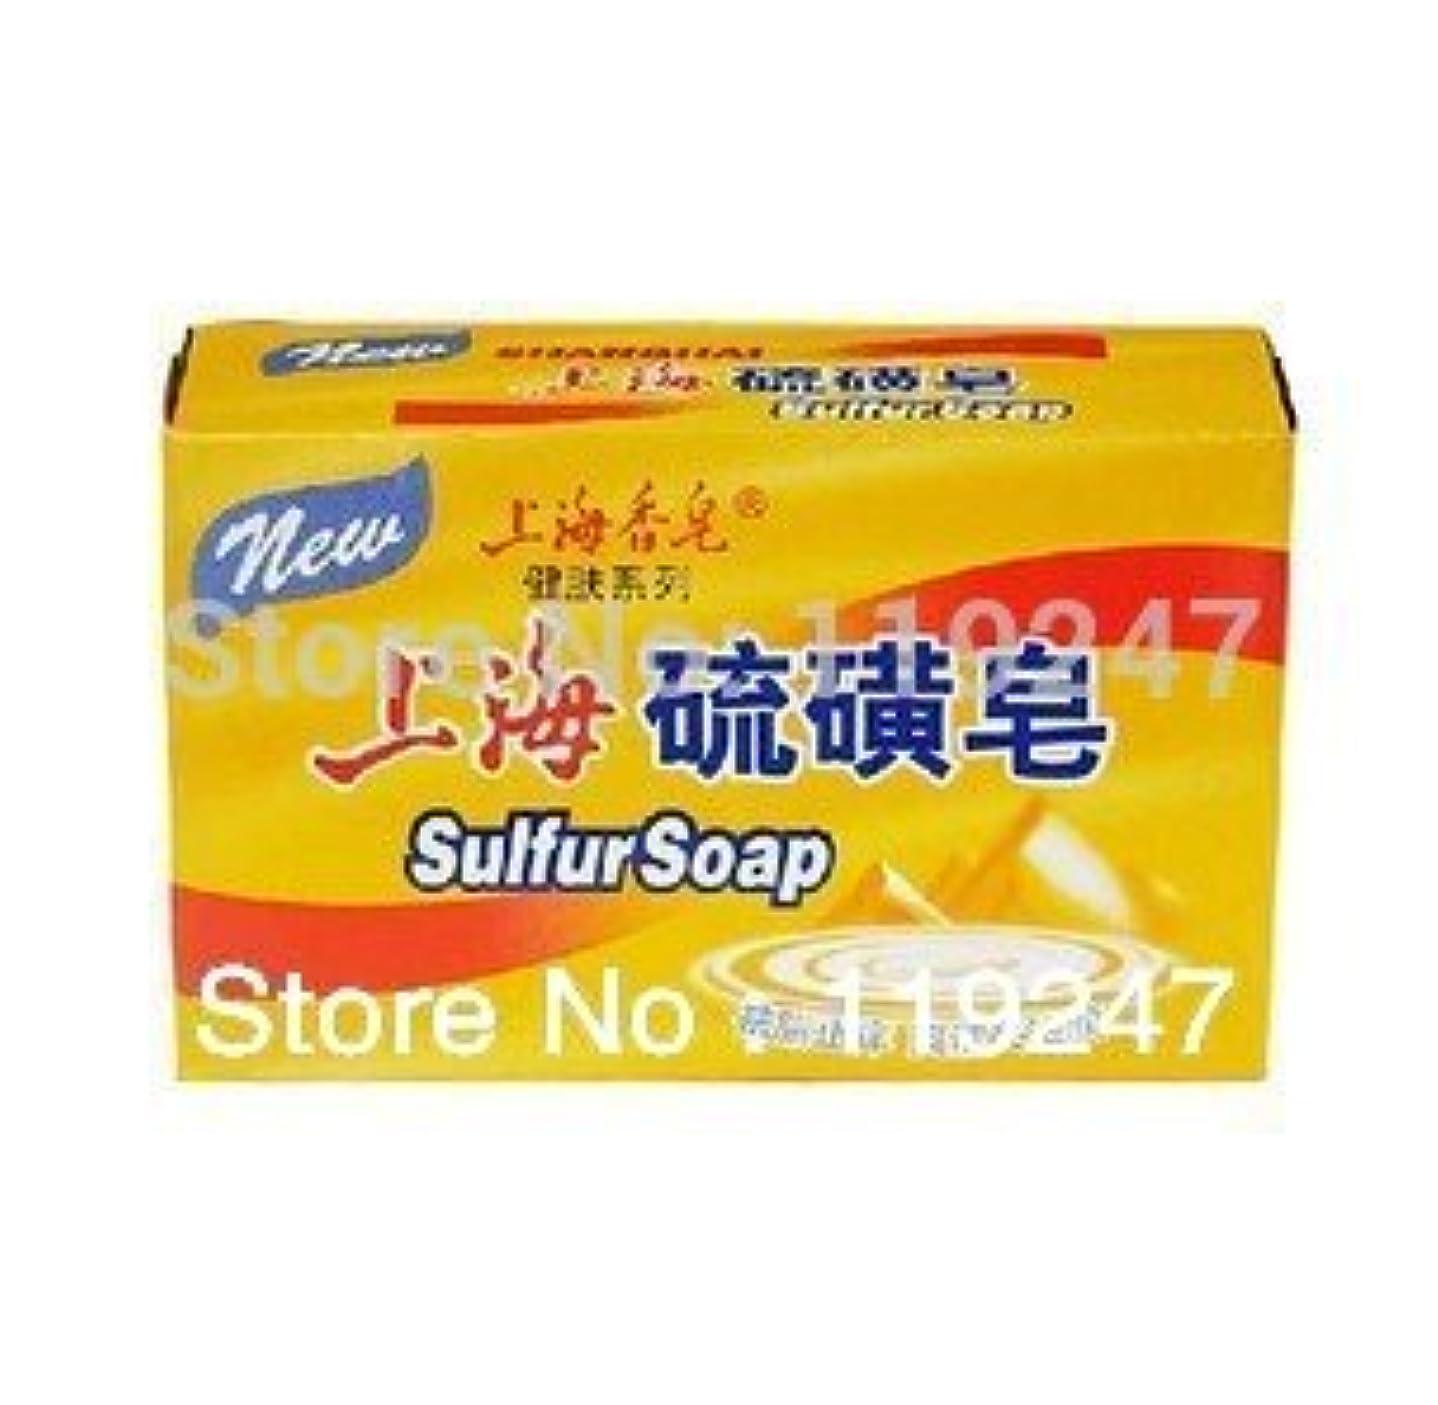 売るパパ権利を与えるLorny (TM) 上海硫黄石鹸アンチ菌ダニ、ストップかゆみ125グラム格安 [並行輸入品]